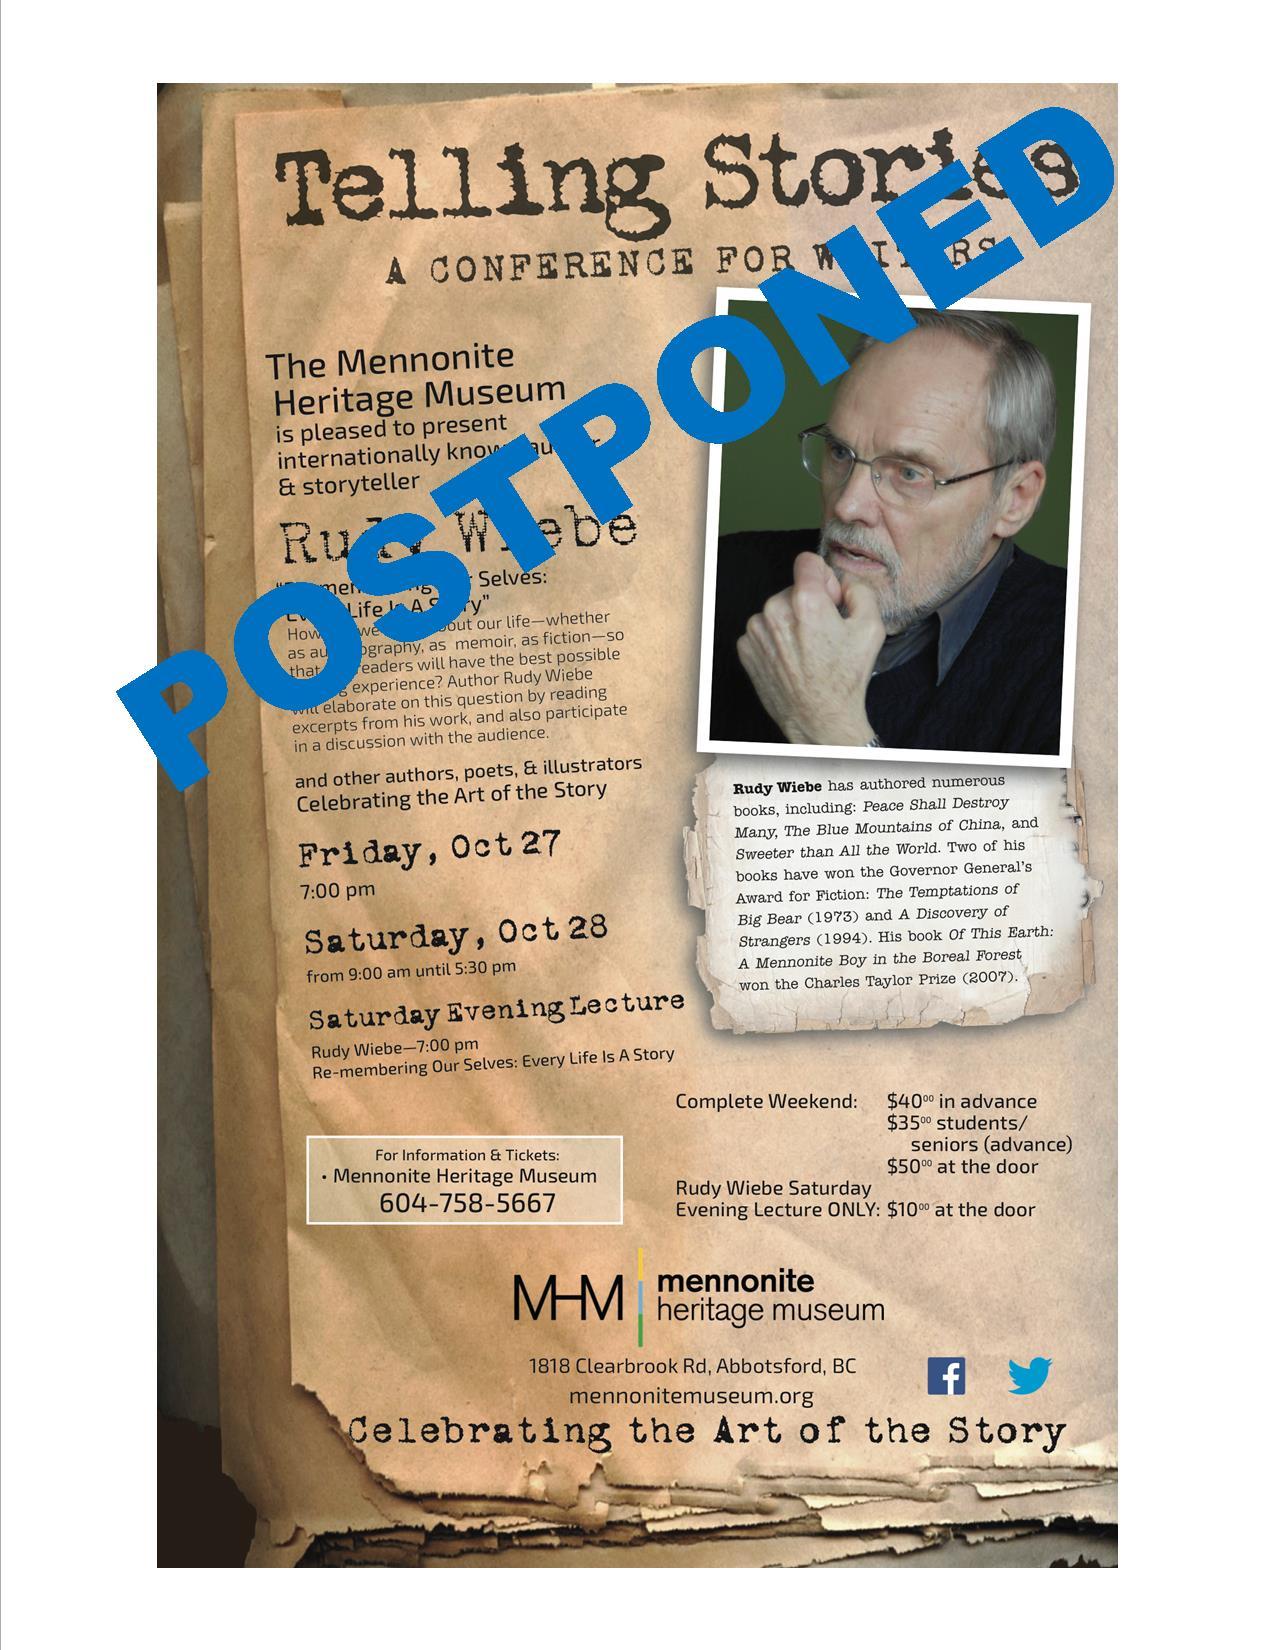 Postponed Telling Stories